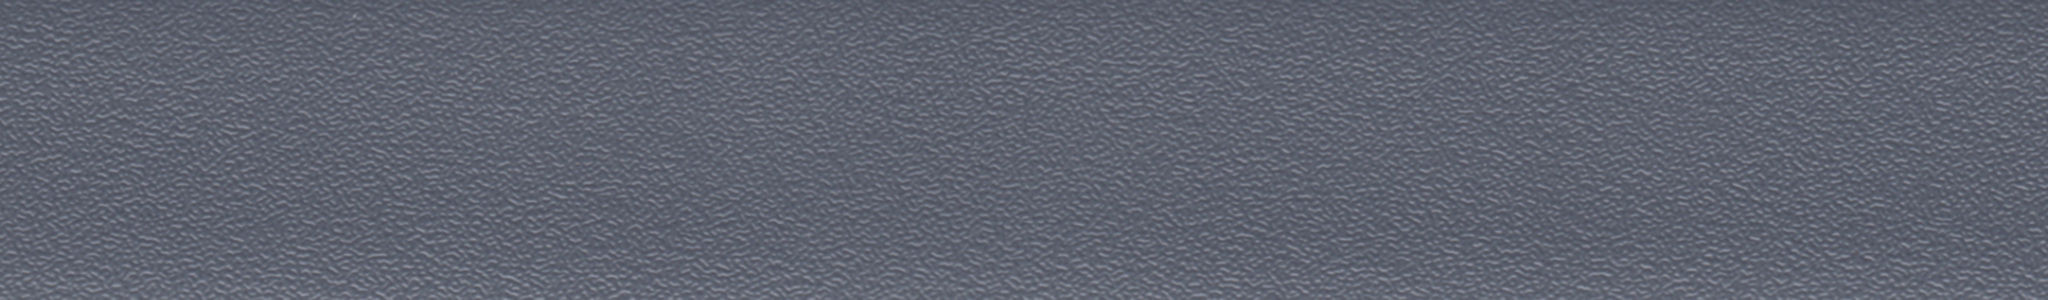 HU 170231 ABS hrana šedá perla 101